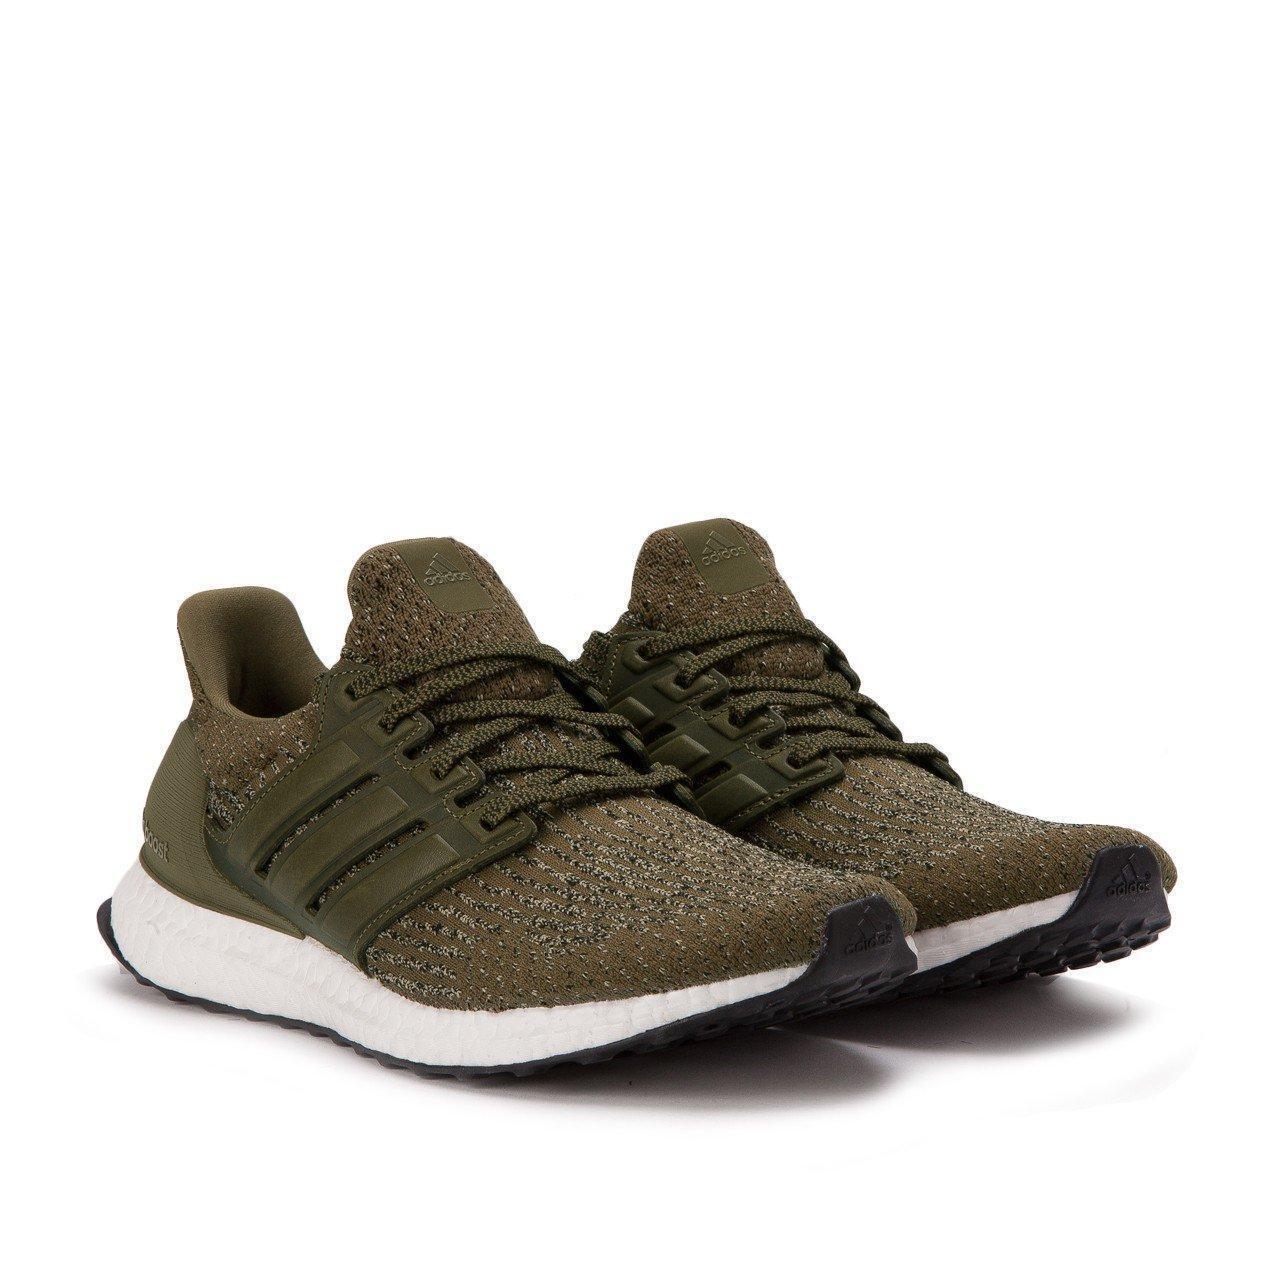 Da Uomo Adidas ultraboost 3.0 Traccia verde oliva in esecuzione esecuzione esecuzione Scarpe da ginnastica S82018 4c5095